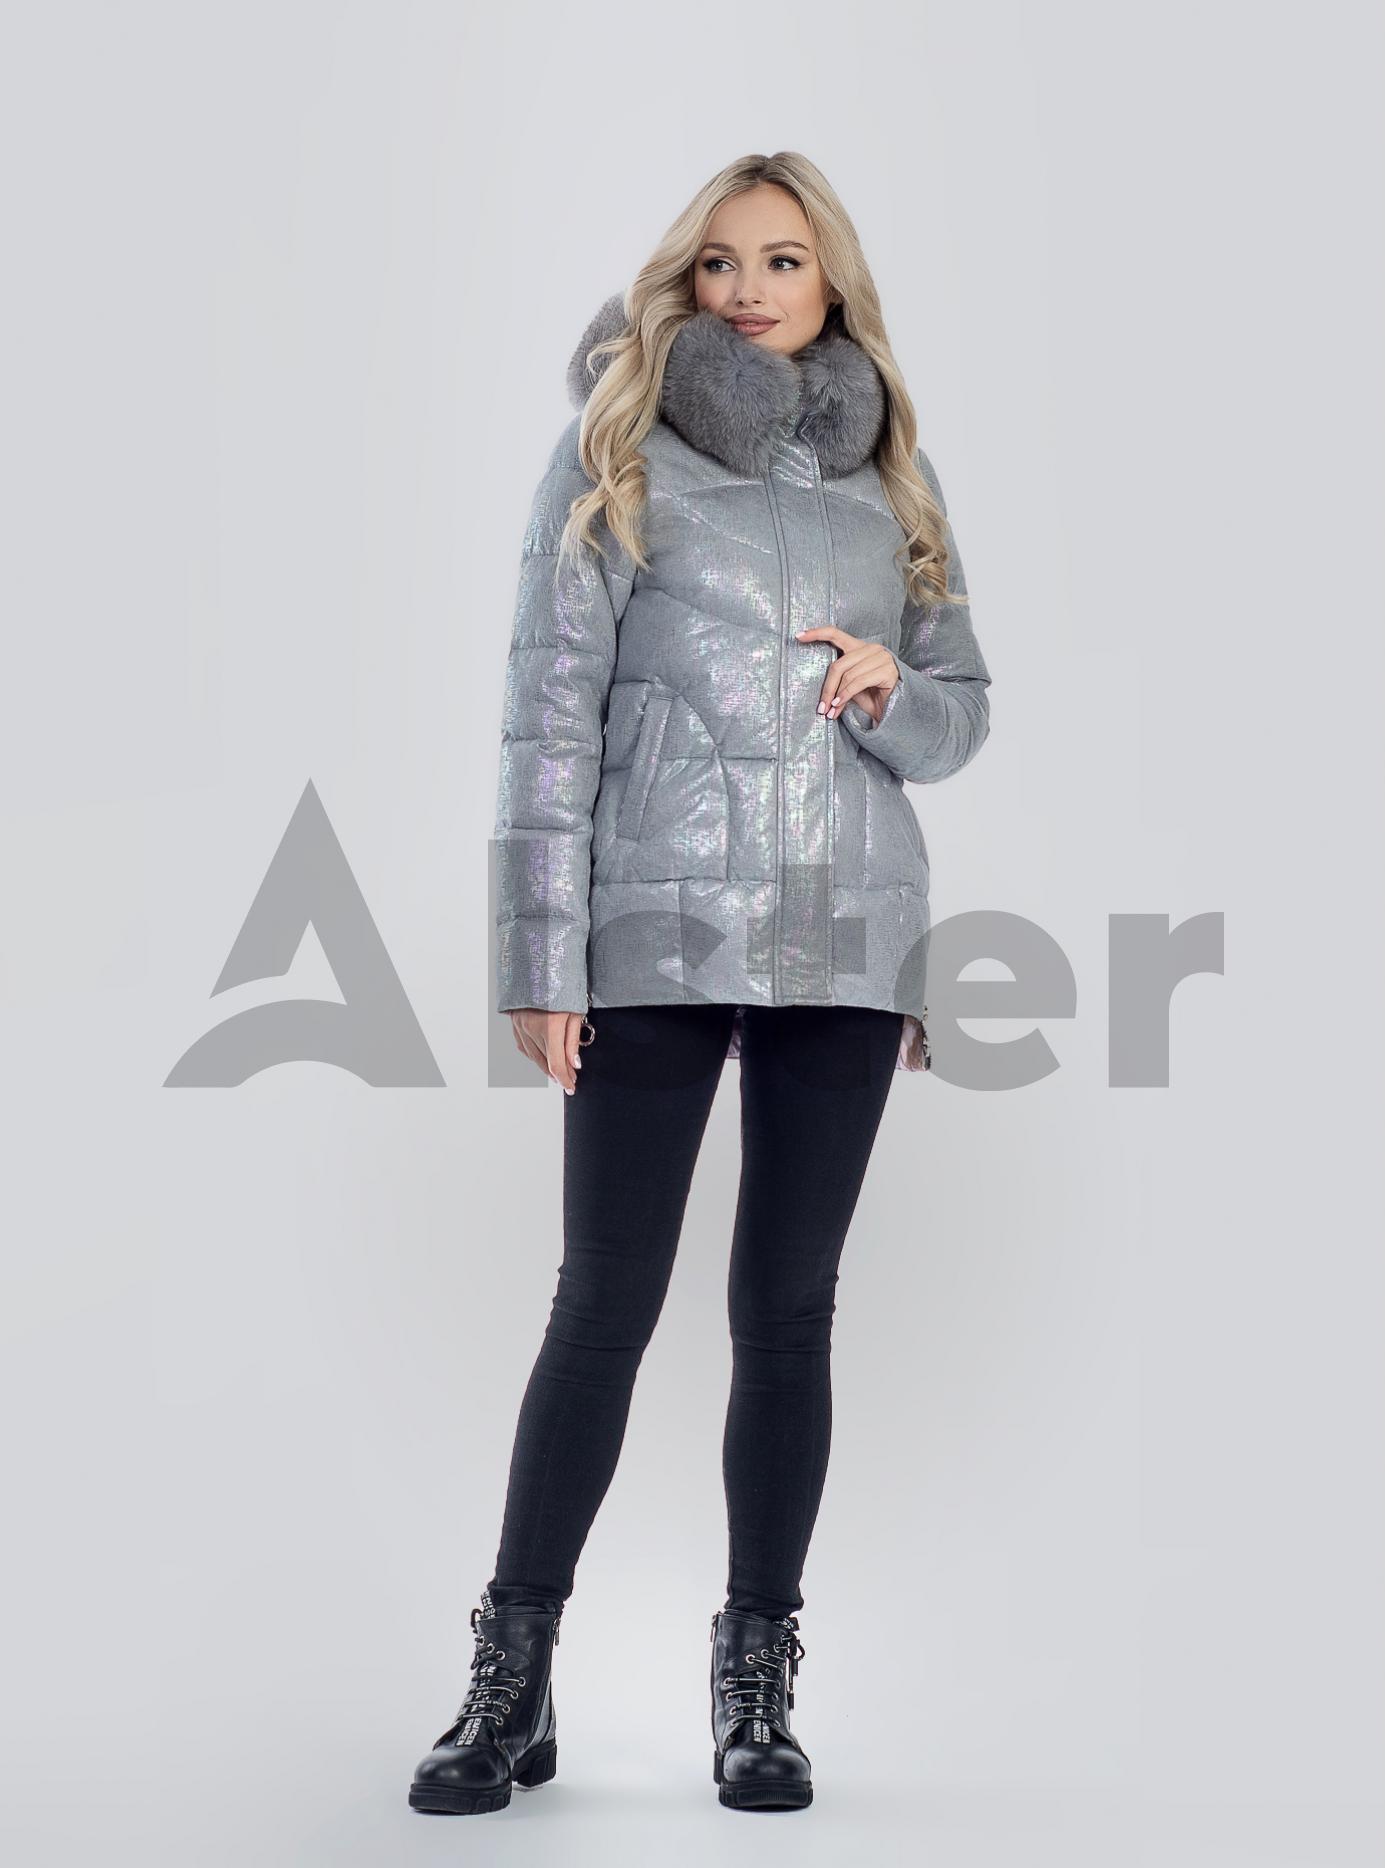 Зимова жіноча куртка з хутром Сірий M (05-SV201218): фото - Alster.ua